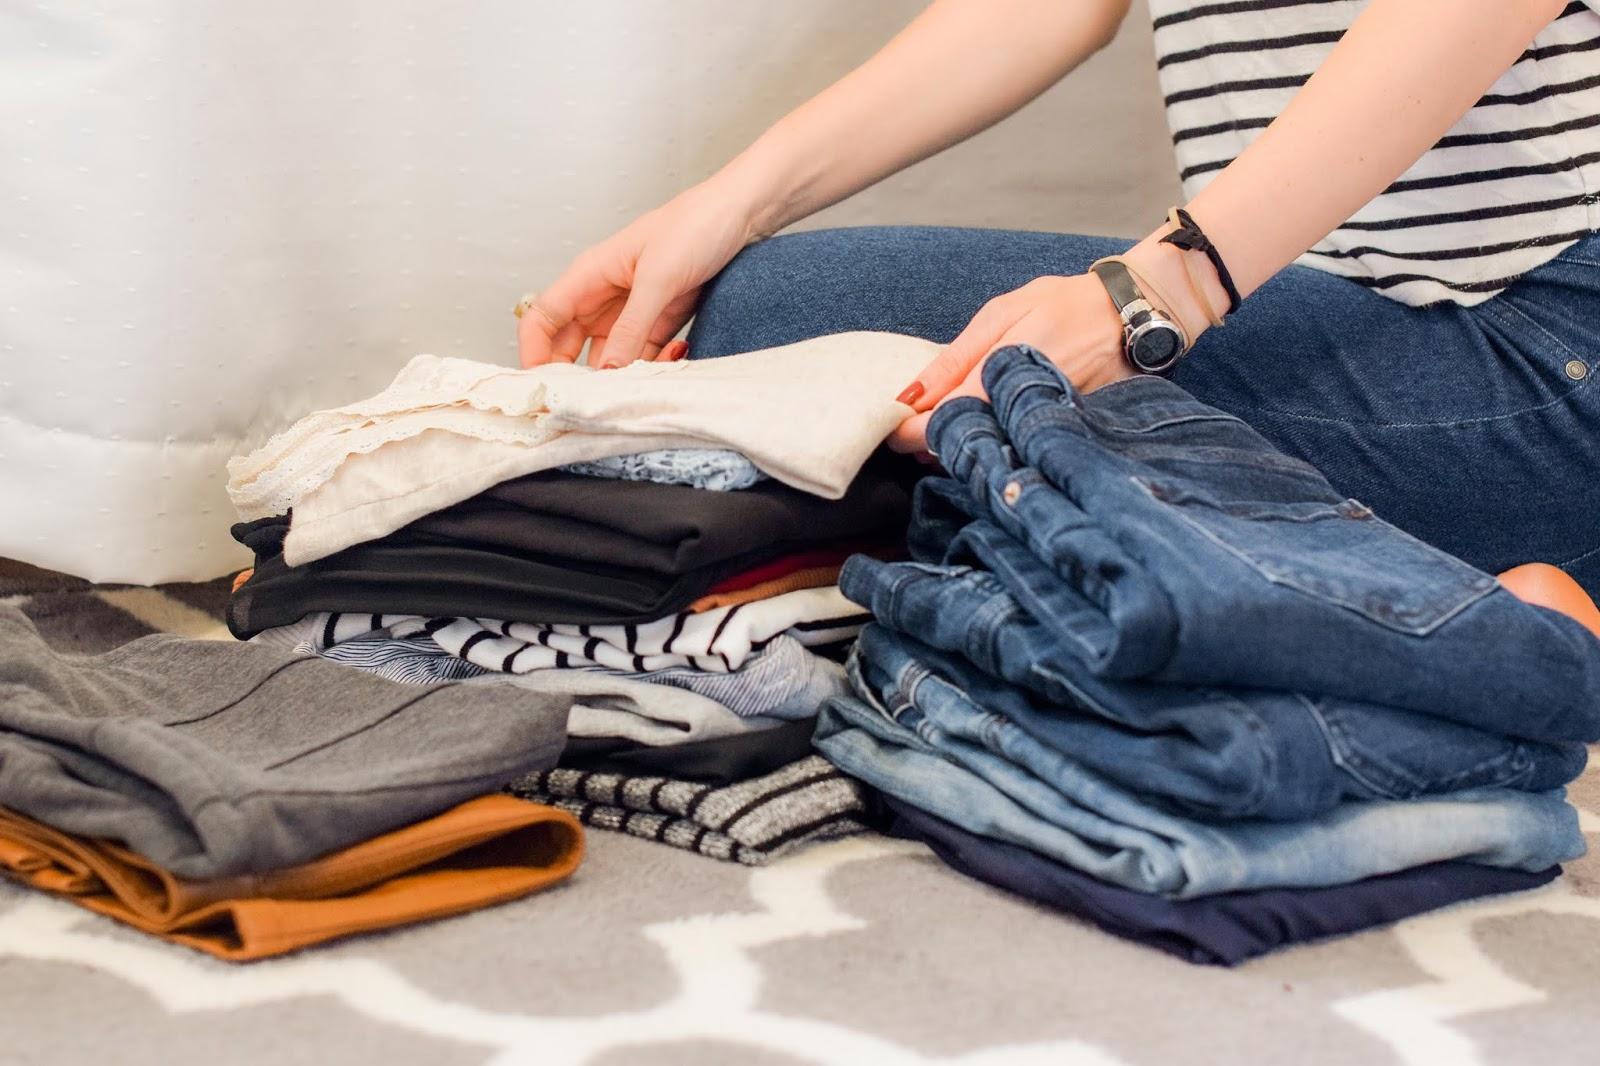 I Migliori Consigli Per Creare Un Capsule Wardrobe - pt. 1